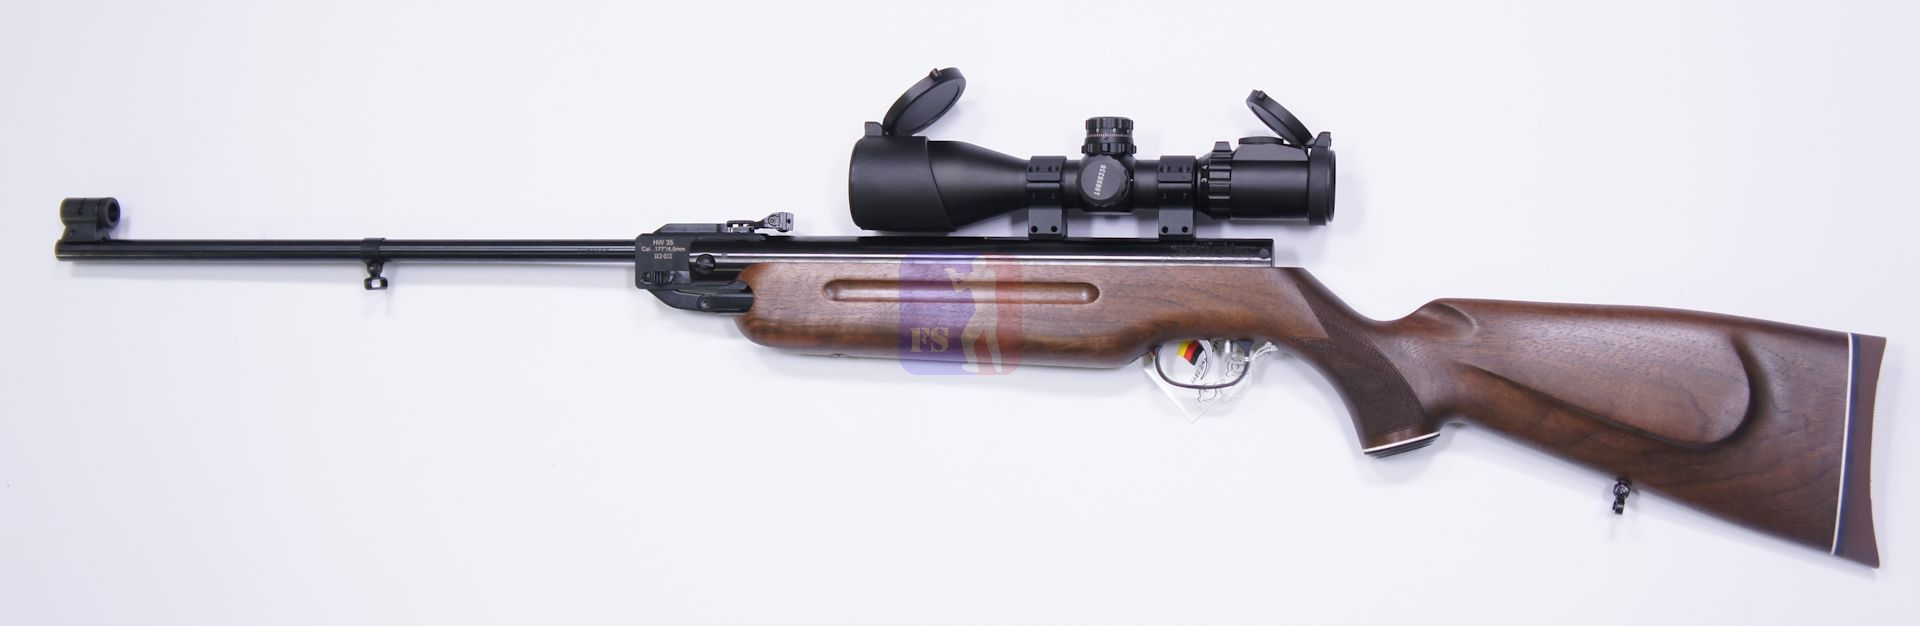 Montagebeispiel vom Luftgewehr HW 35  E mit Nussbaumschaft mit einem sehr guten Zielfernrohr mit 4-16facher Vergrößerung